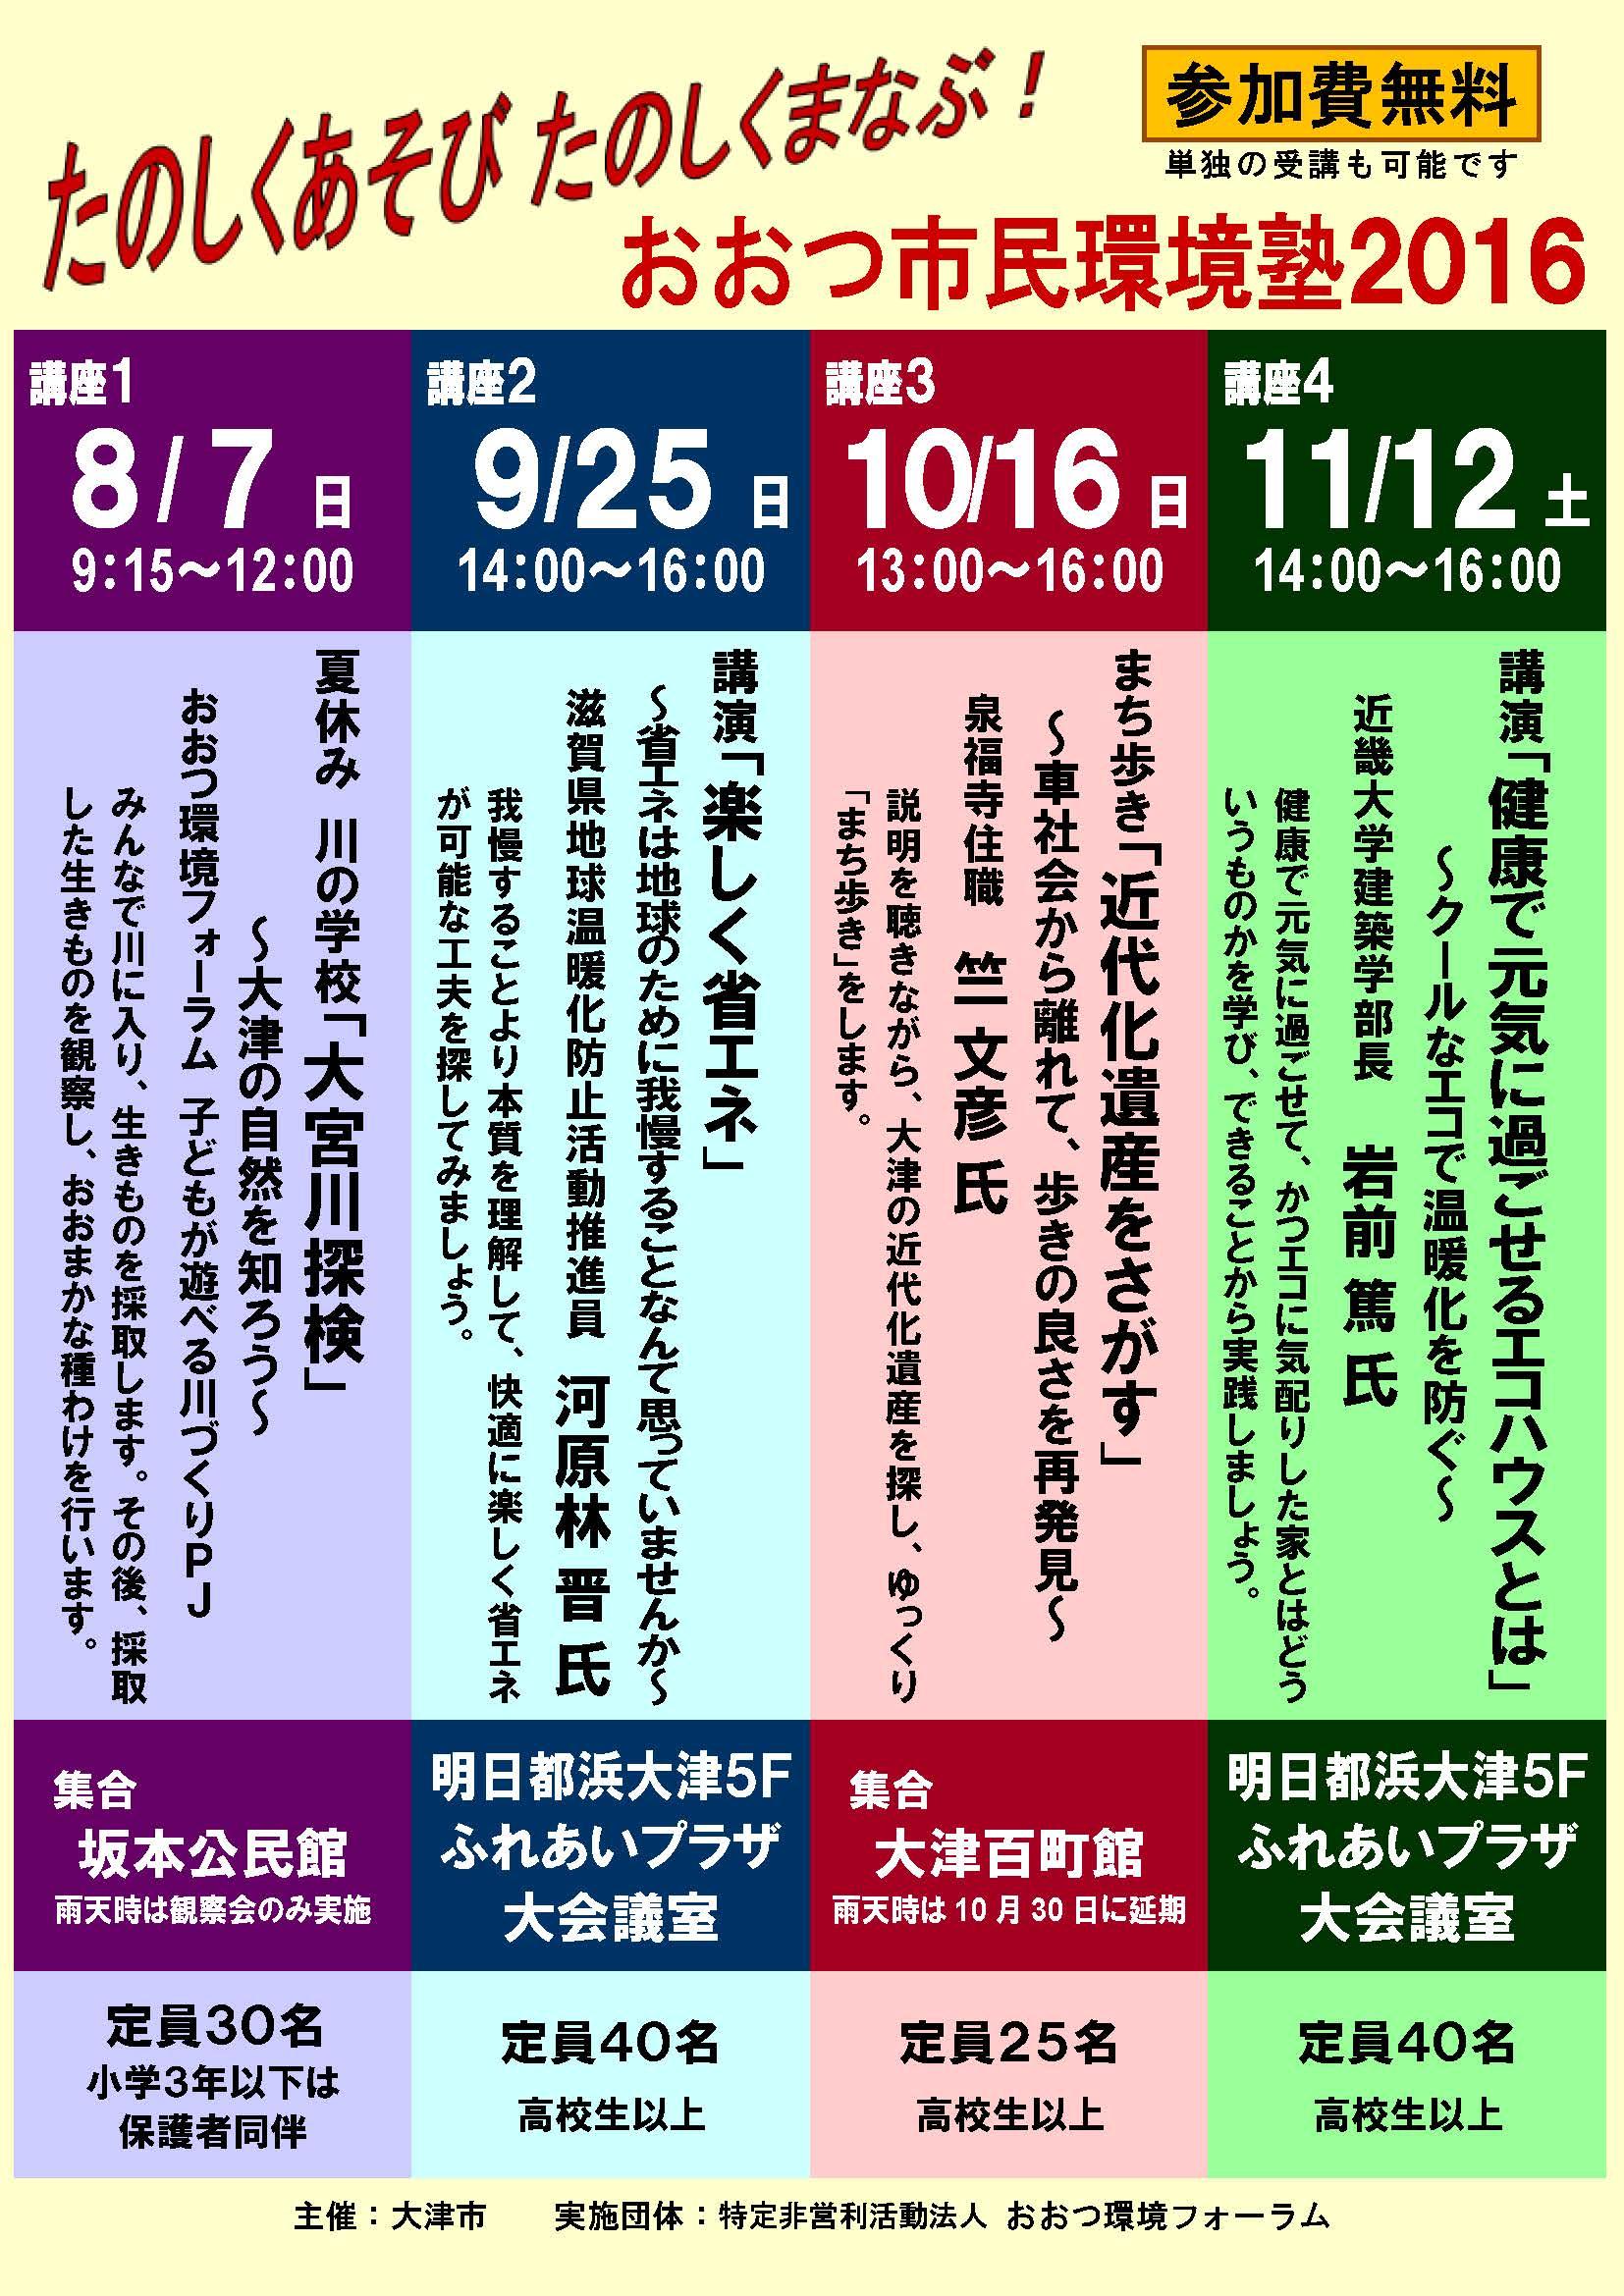 環境塾2016チラシ_ページ_1